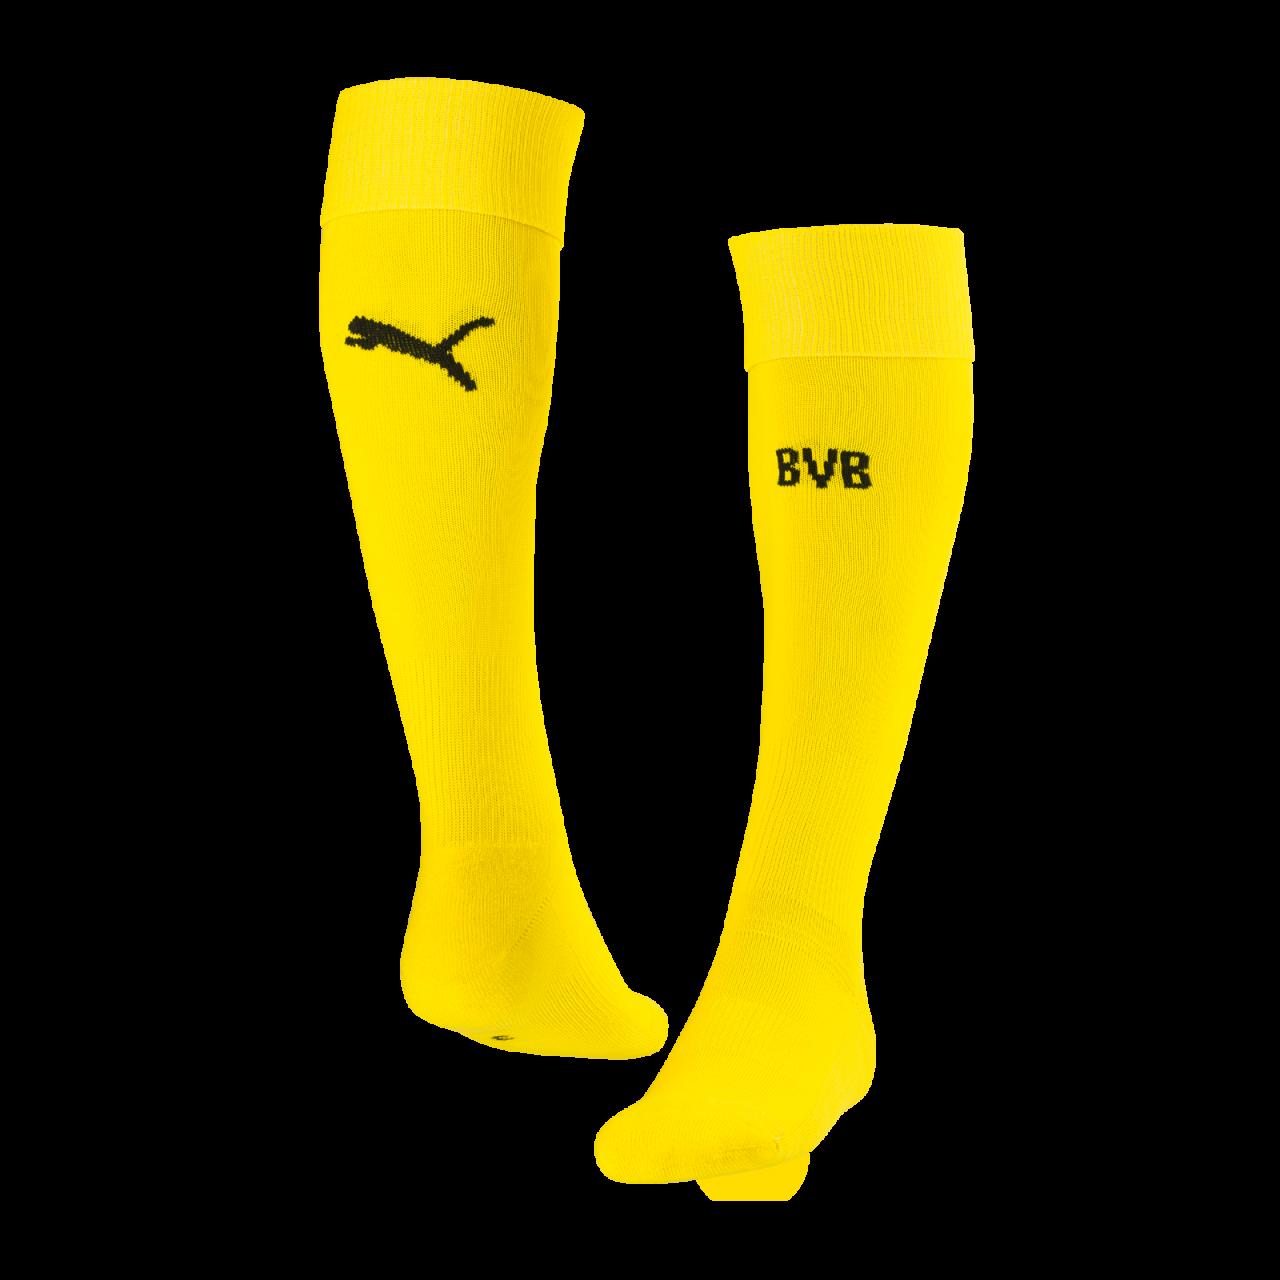 BVB-Stutzen (international)